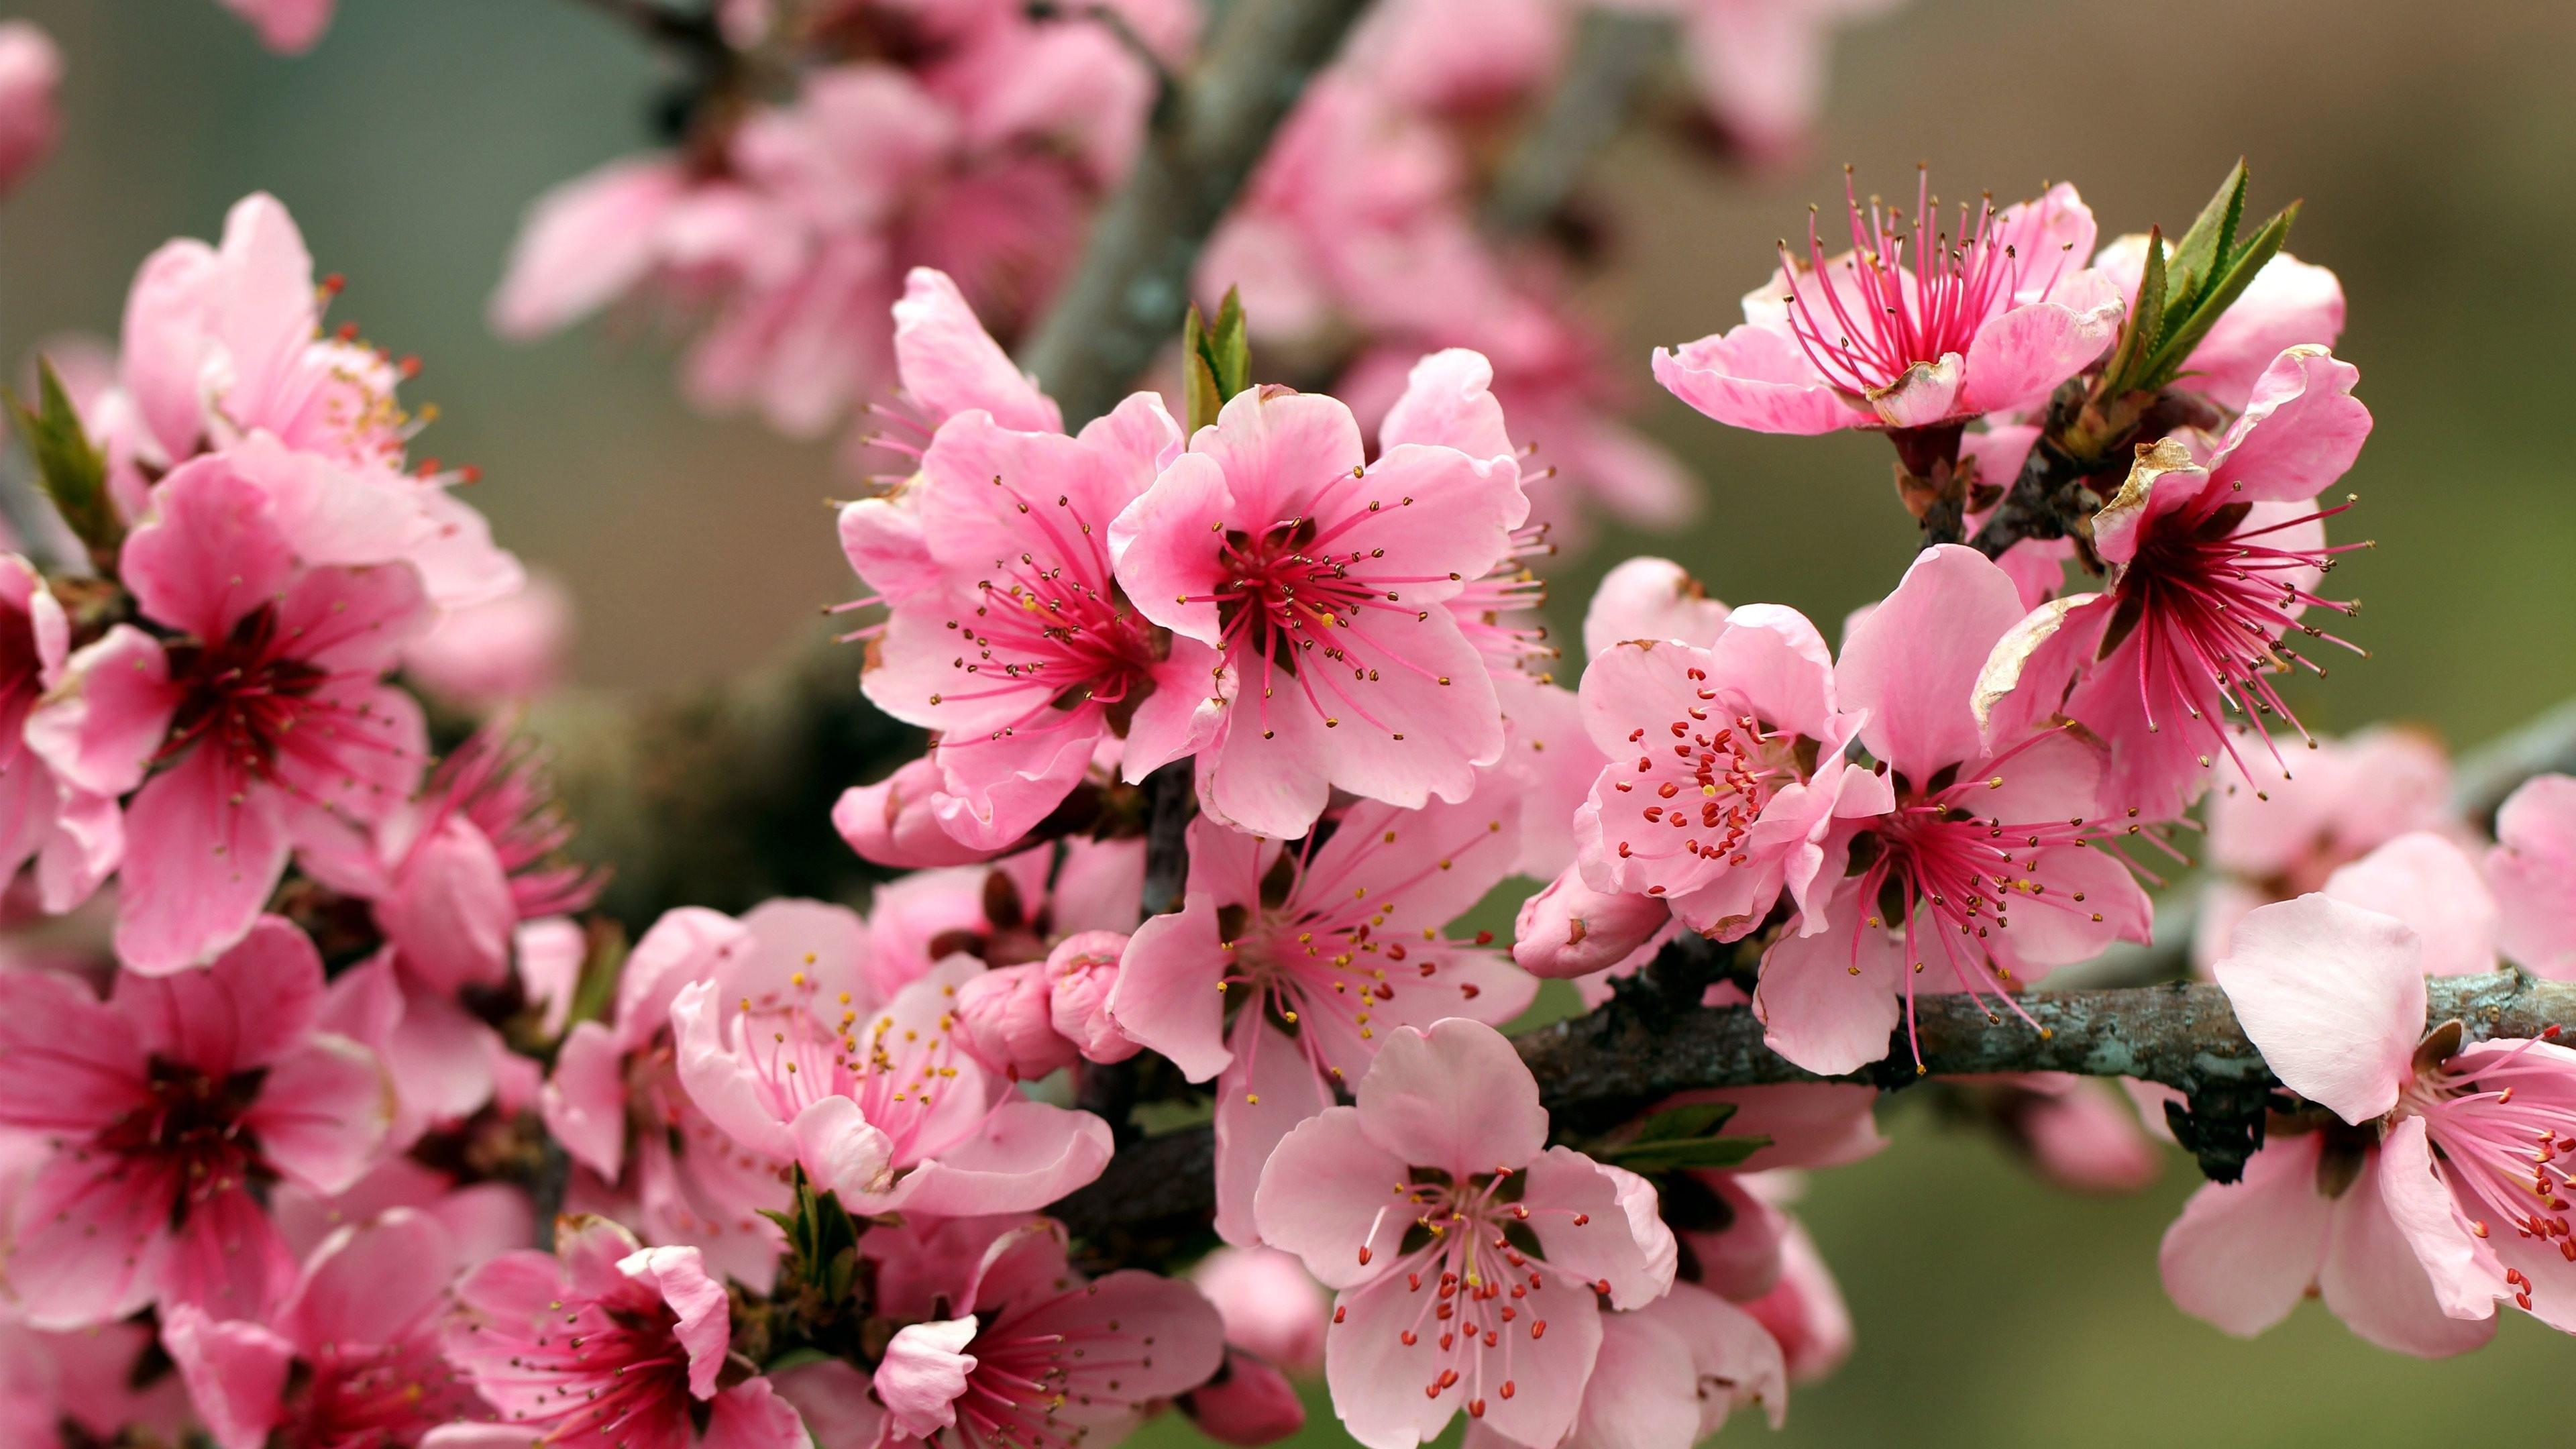 обои для рабочего стола цветущие яблони № 239684 бесплатно